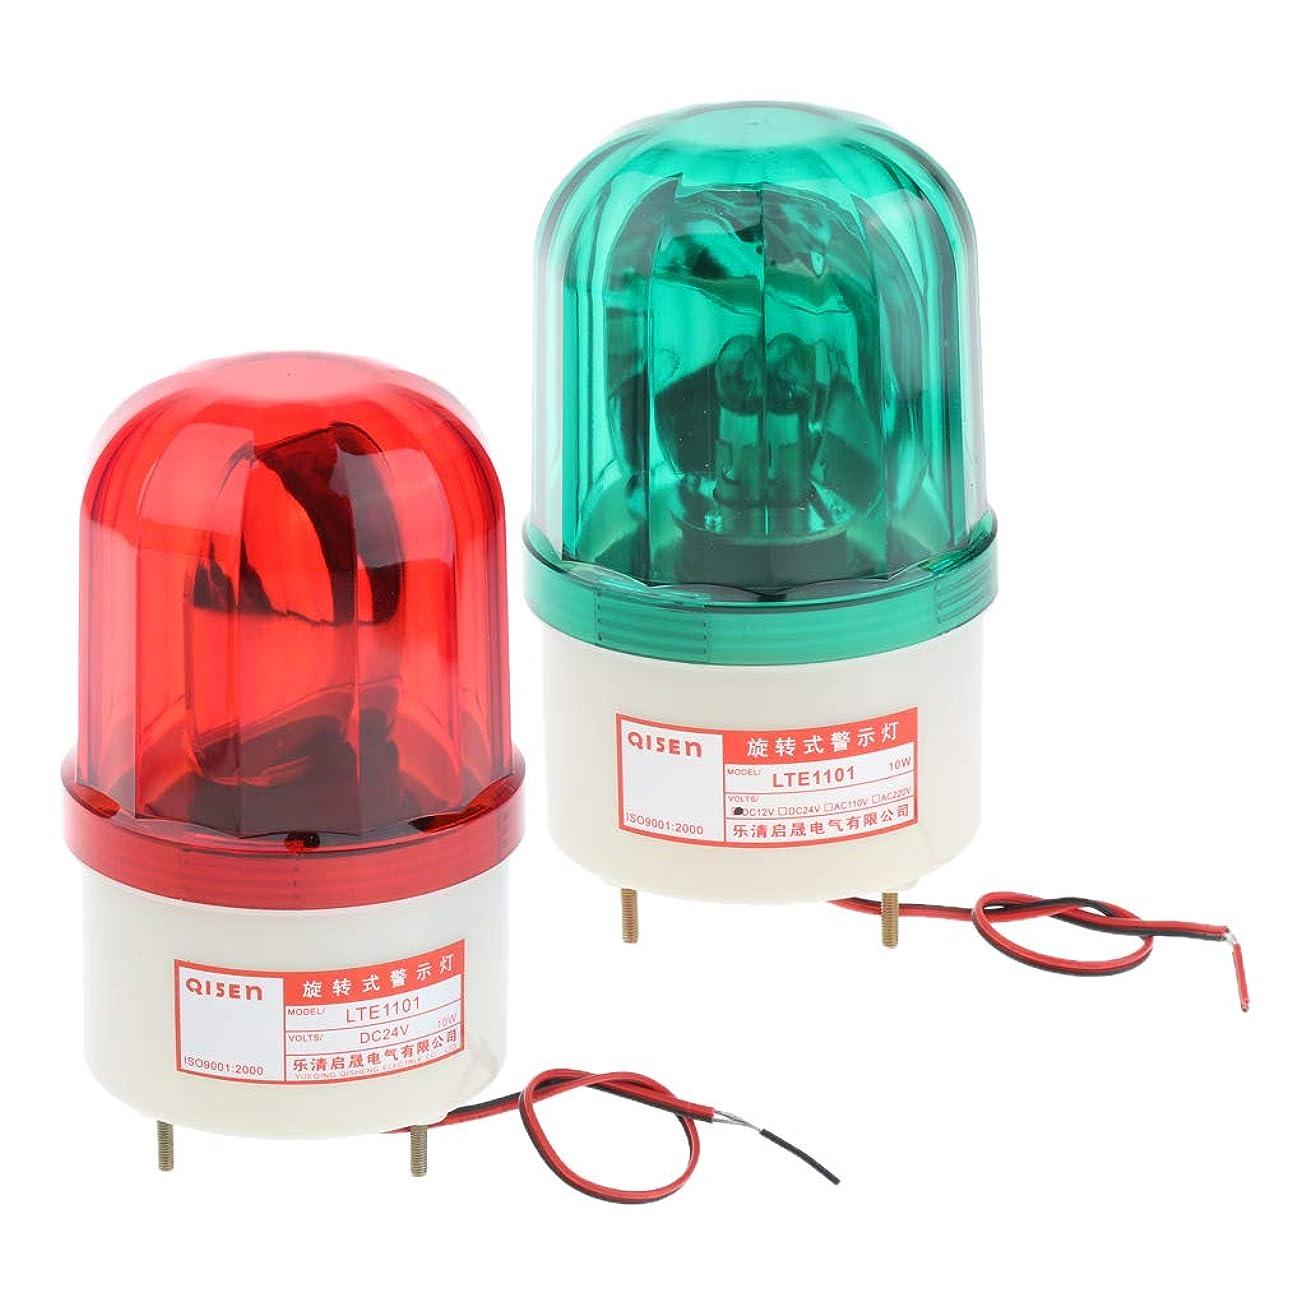 狐試験ダースP Prettyia LED回転警告灯 ドア点滅ライト フラッシュ 高輝度 ストロボ グリーンと赤 点滅警告灯 2個セット